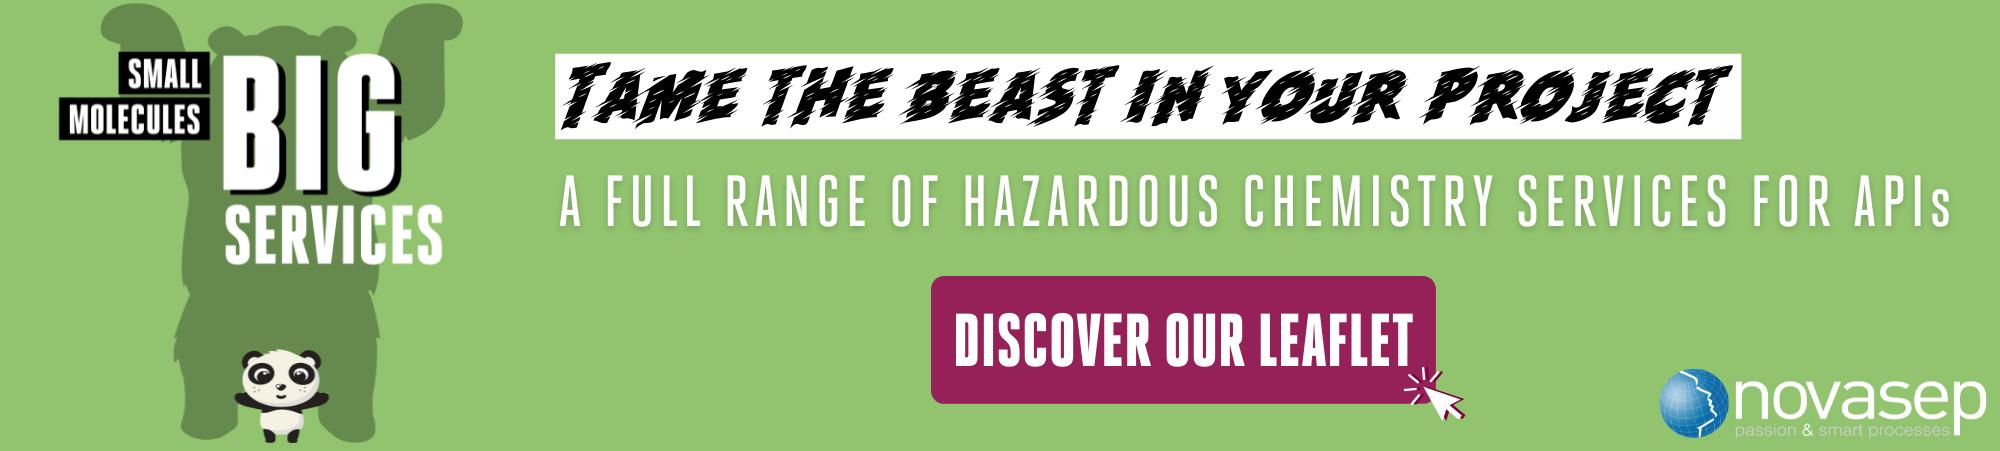 Novasep Hazardous Chemistry For APIs Banner